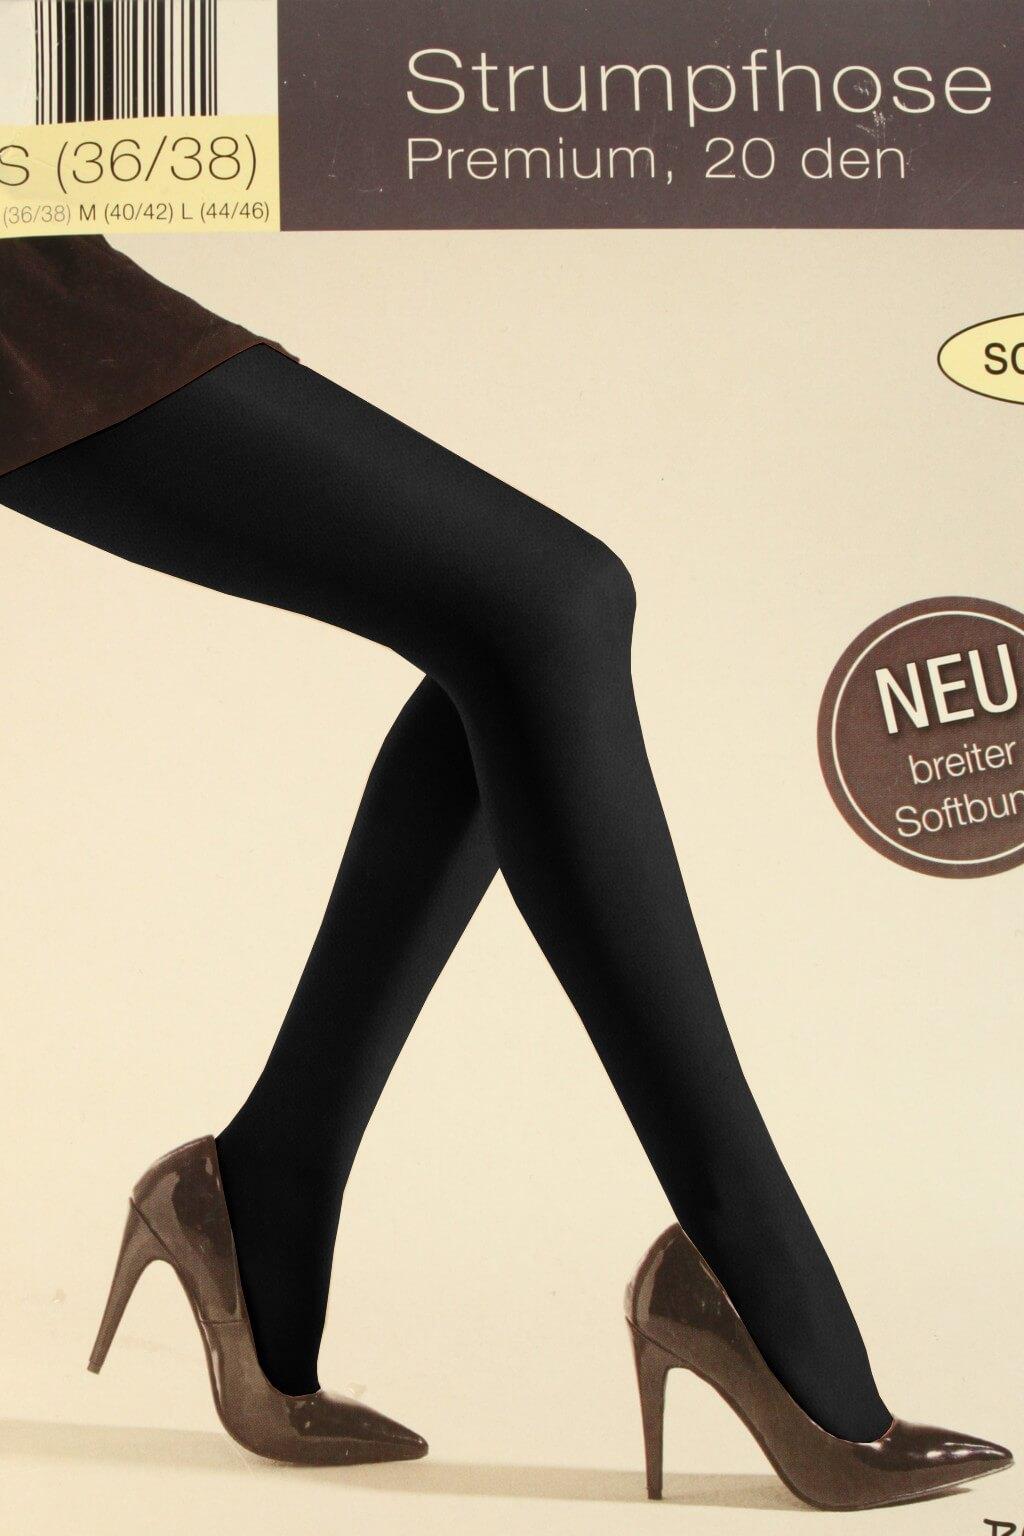 Dámské punčochové kalhoty 20 DEN L černá